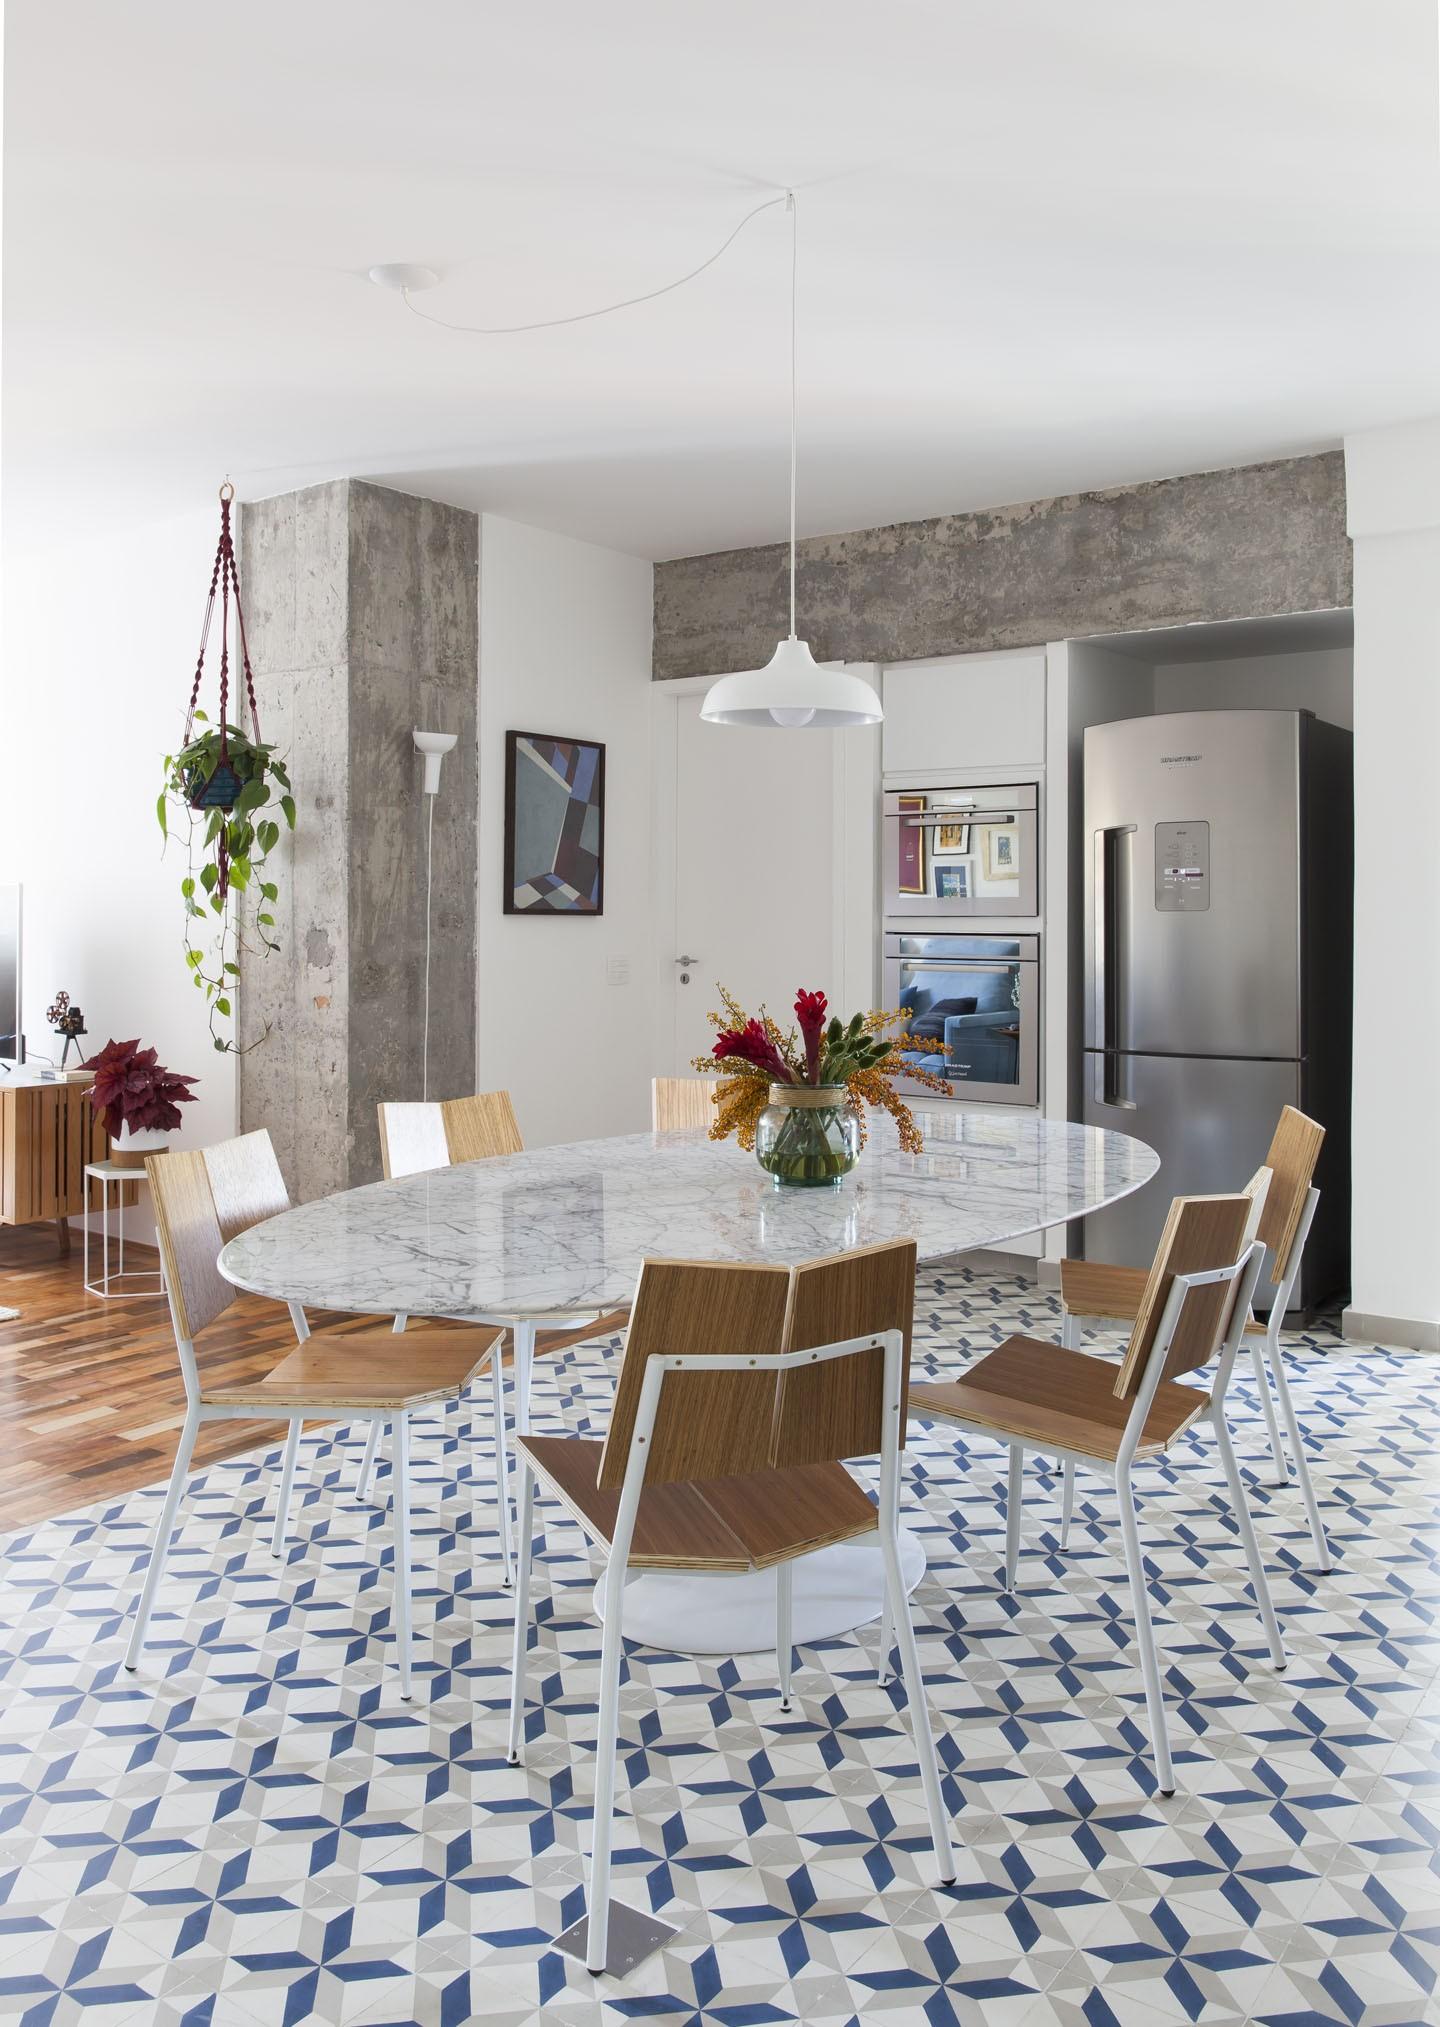 Décor do dia: cozinha integrada com piso geométrico (Foto: Maira Acayaba/Divulgação)